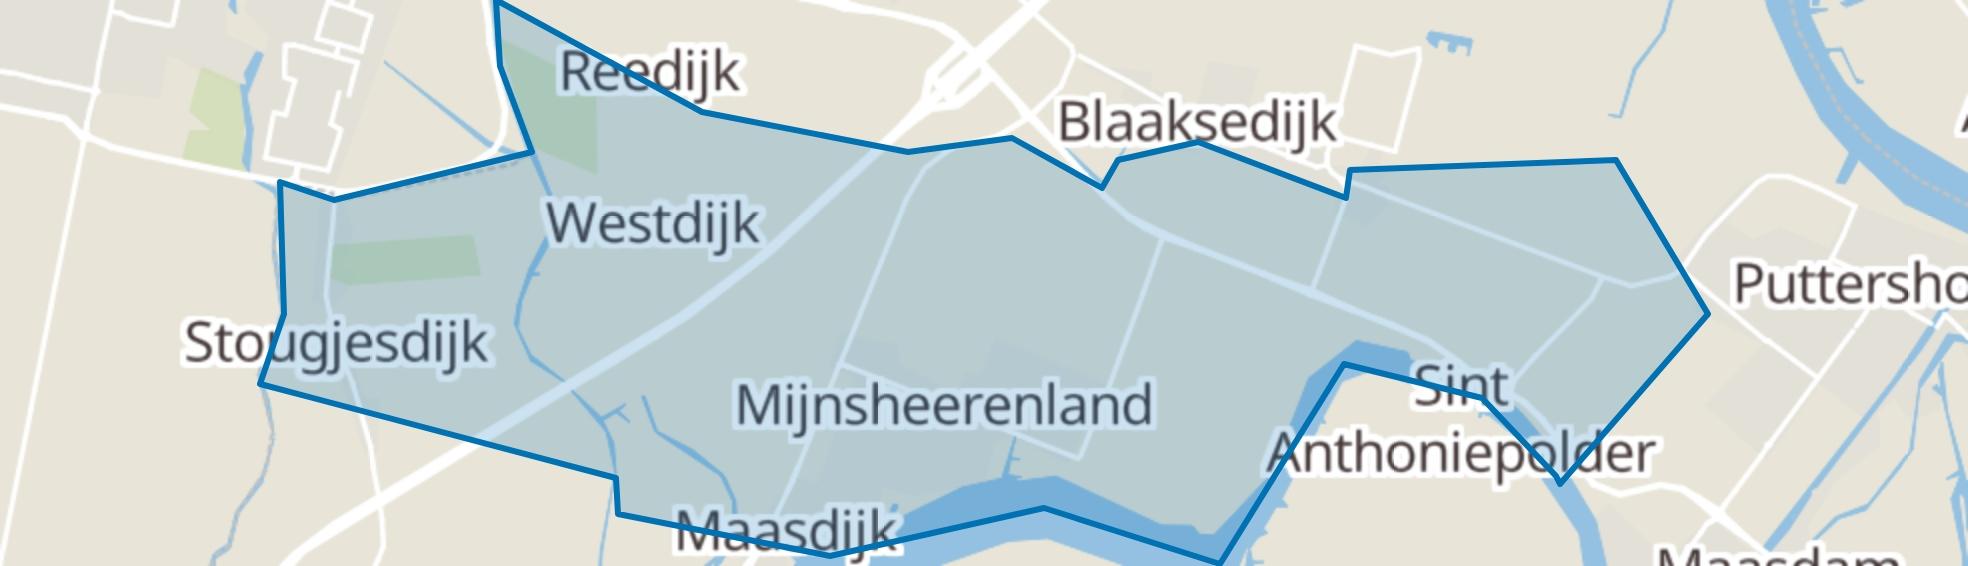 Mijnsheerenland map